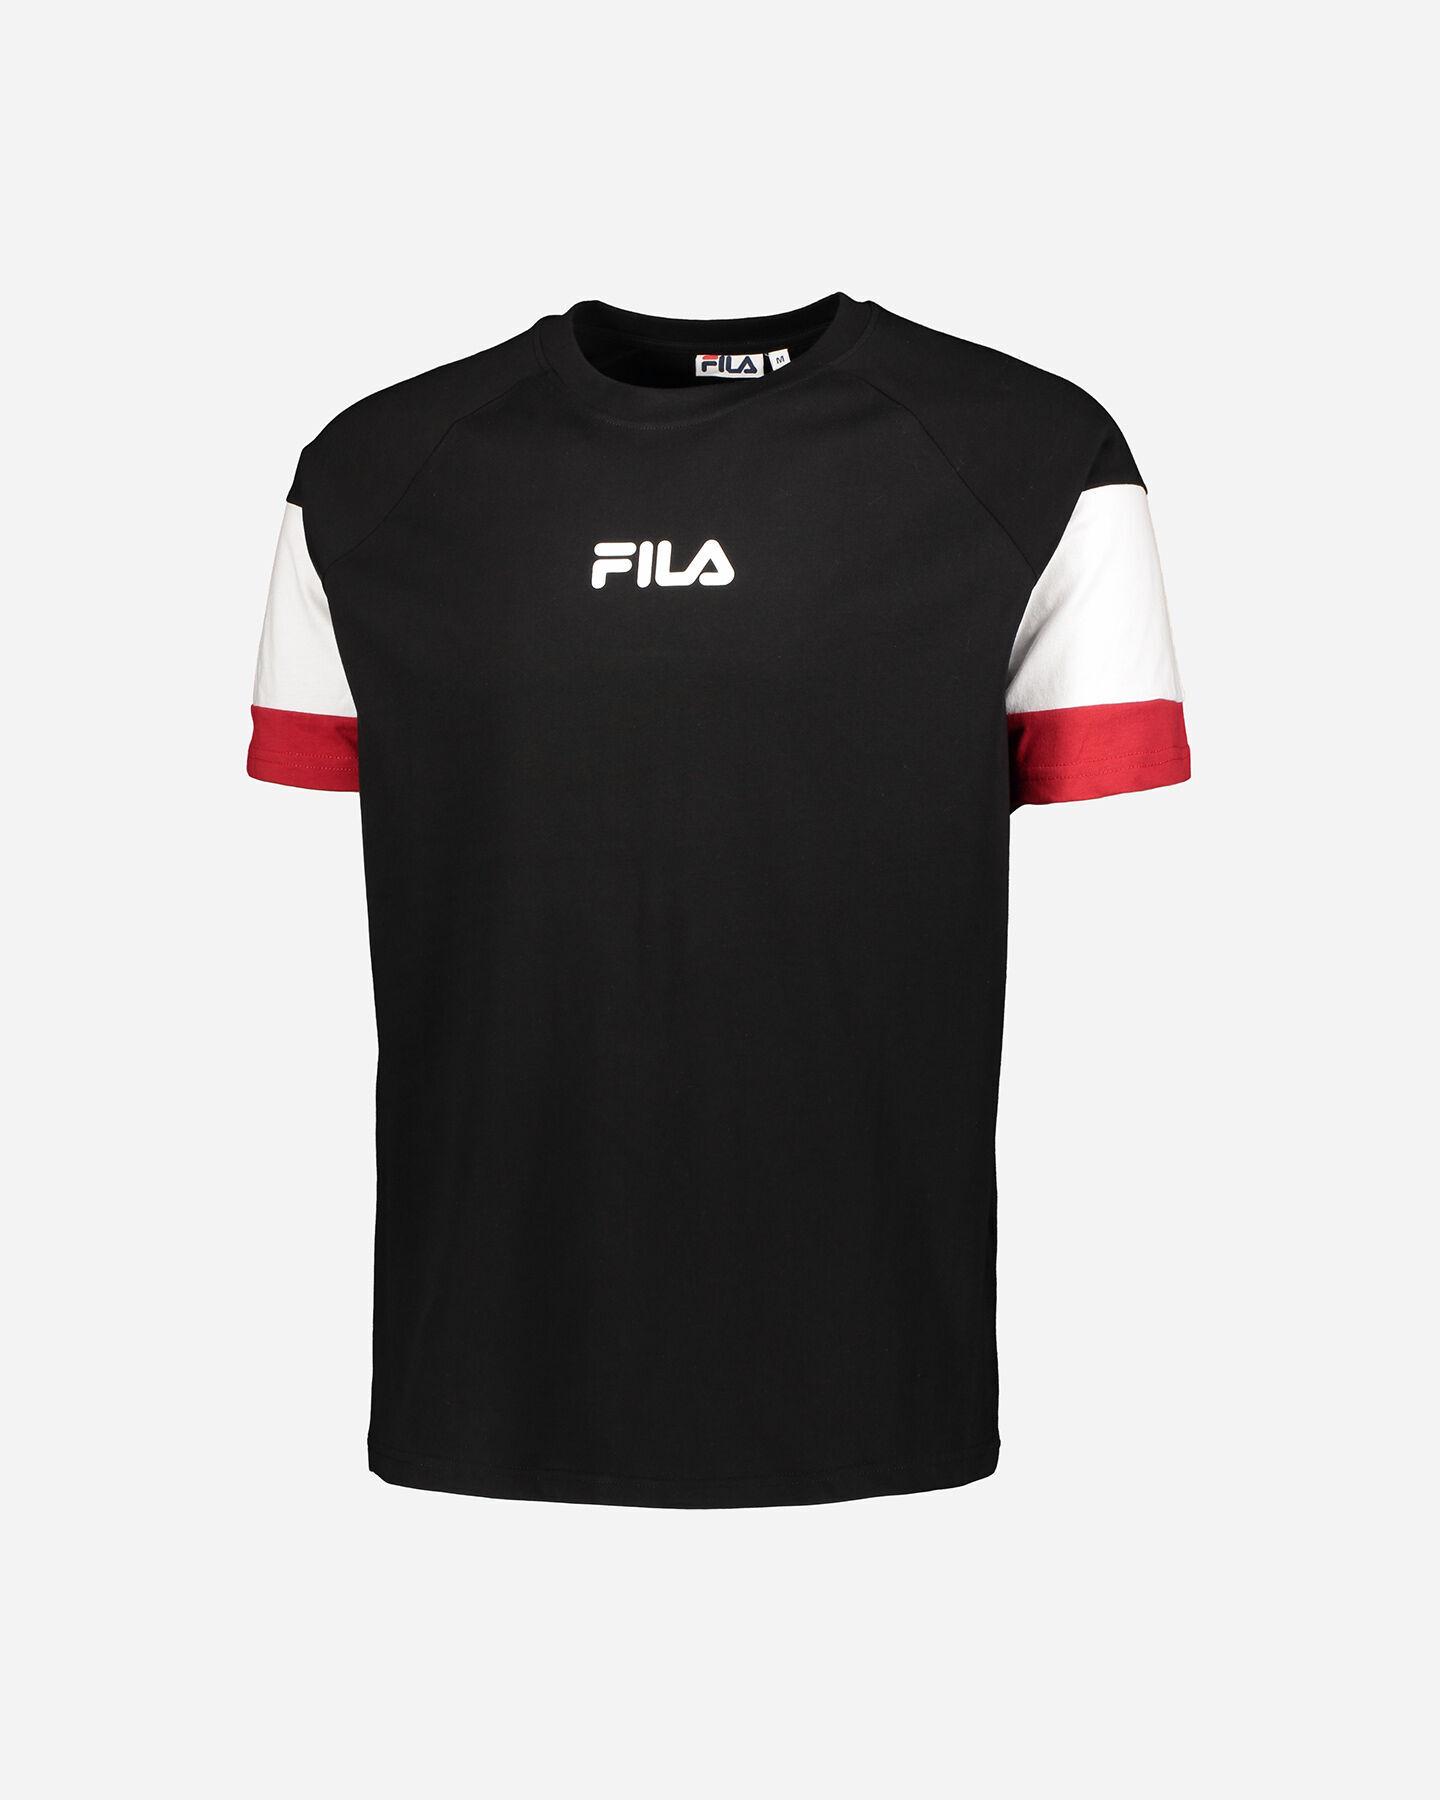 T-Shirt FILA NEW COLOR BLOCK M S4088467 scatto 5